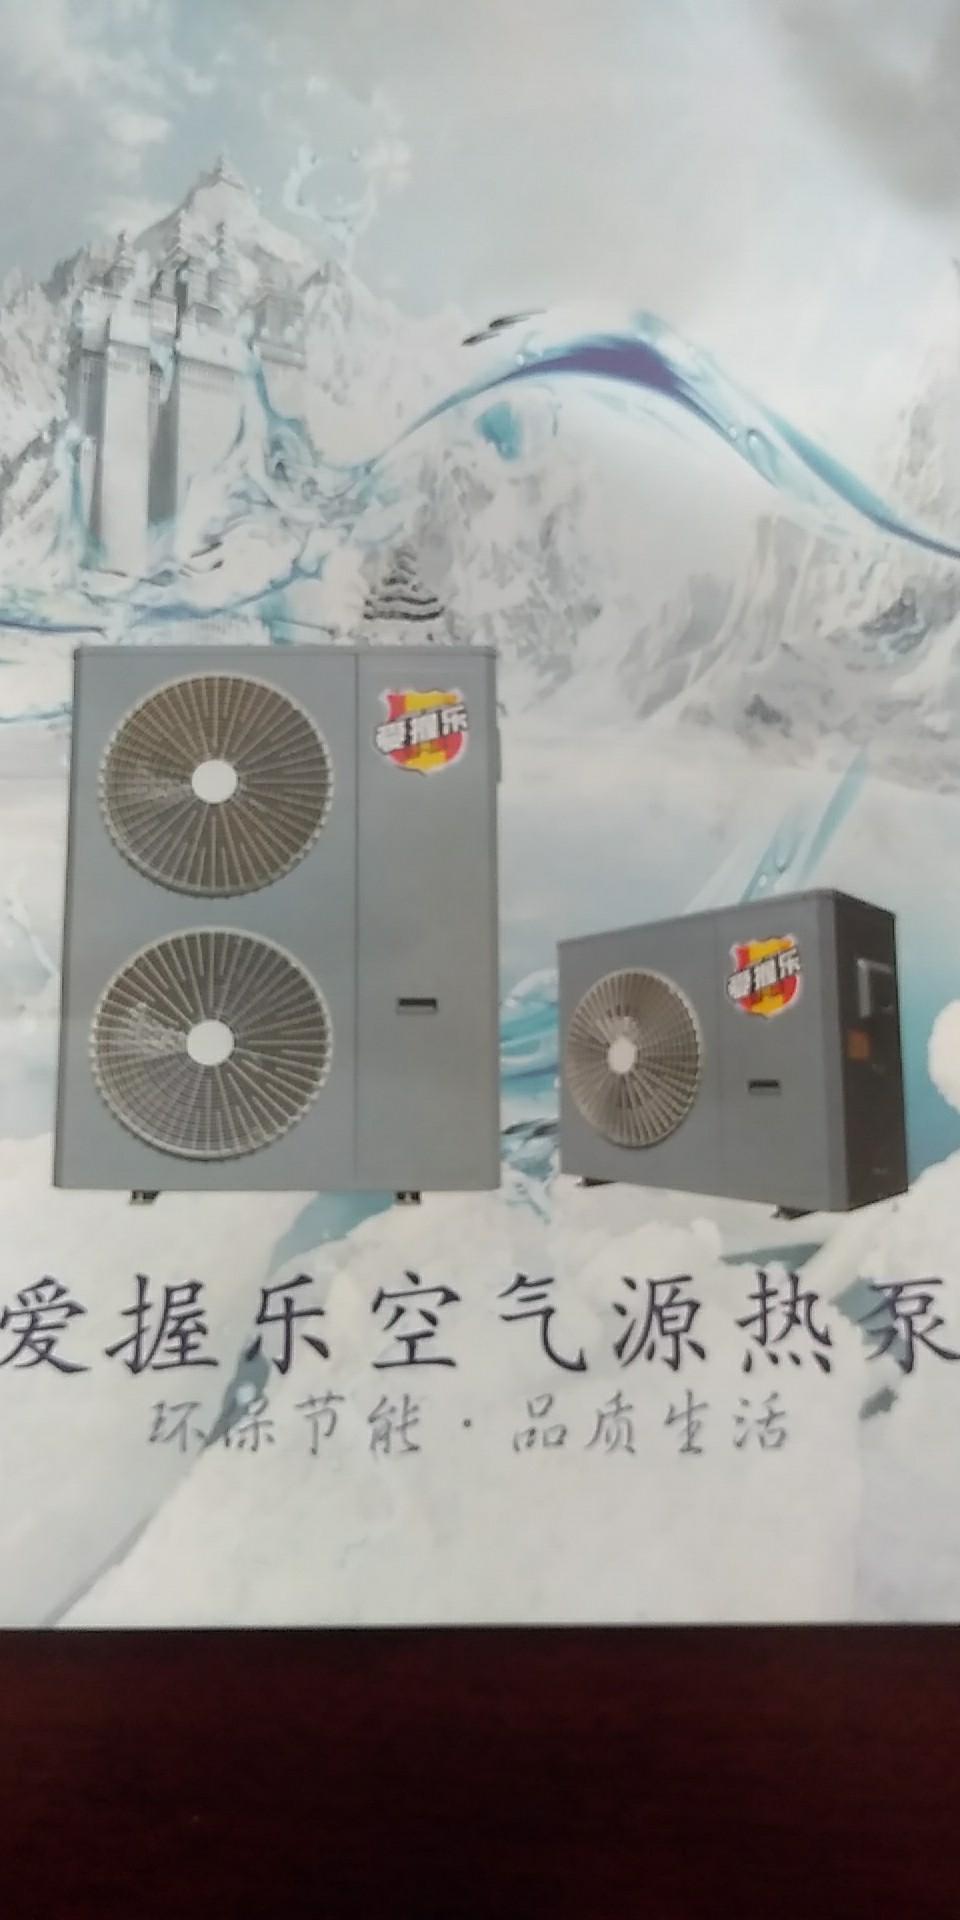 银川pm2.5空气能源空气能能热泵报价-银川pm2.5空气能源热厡每家好